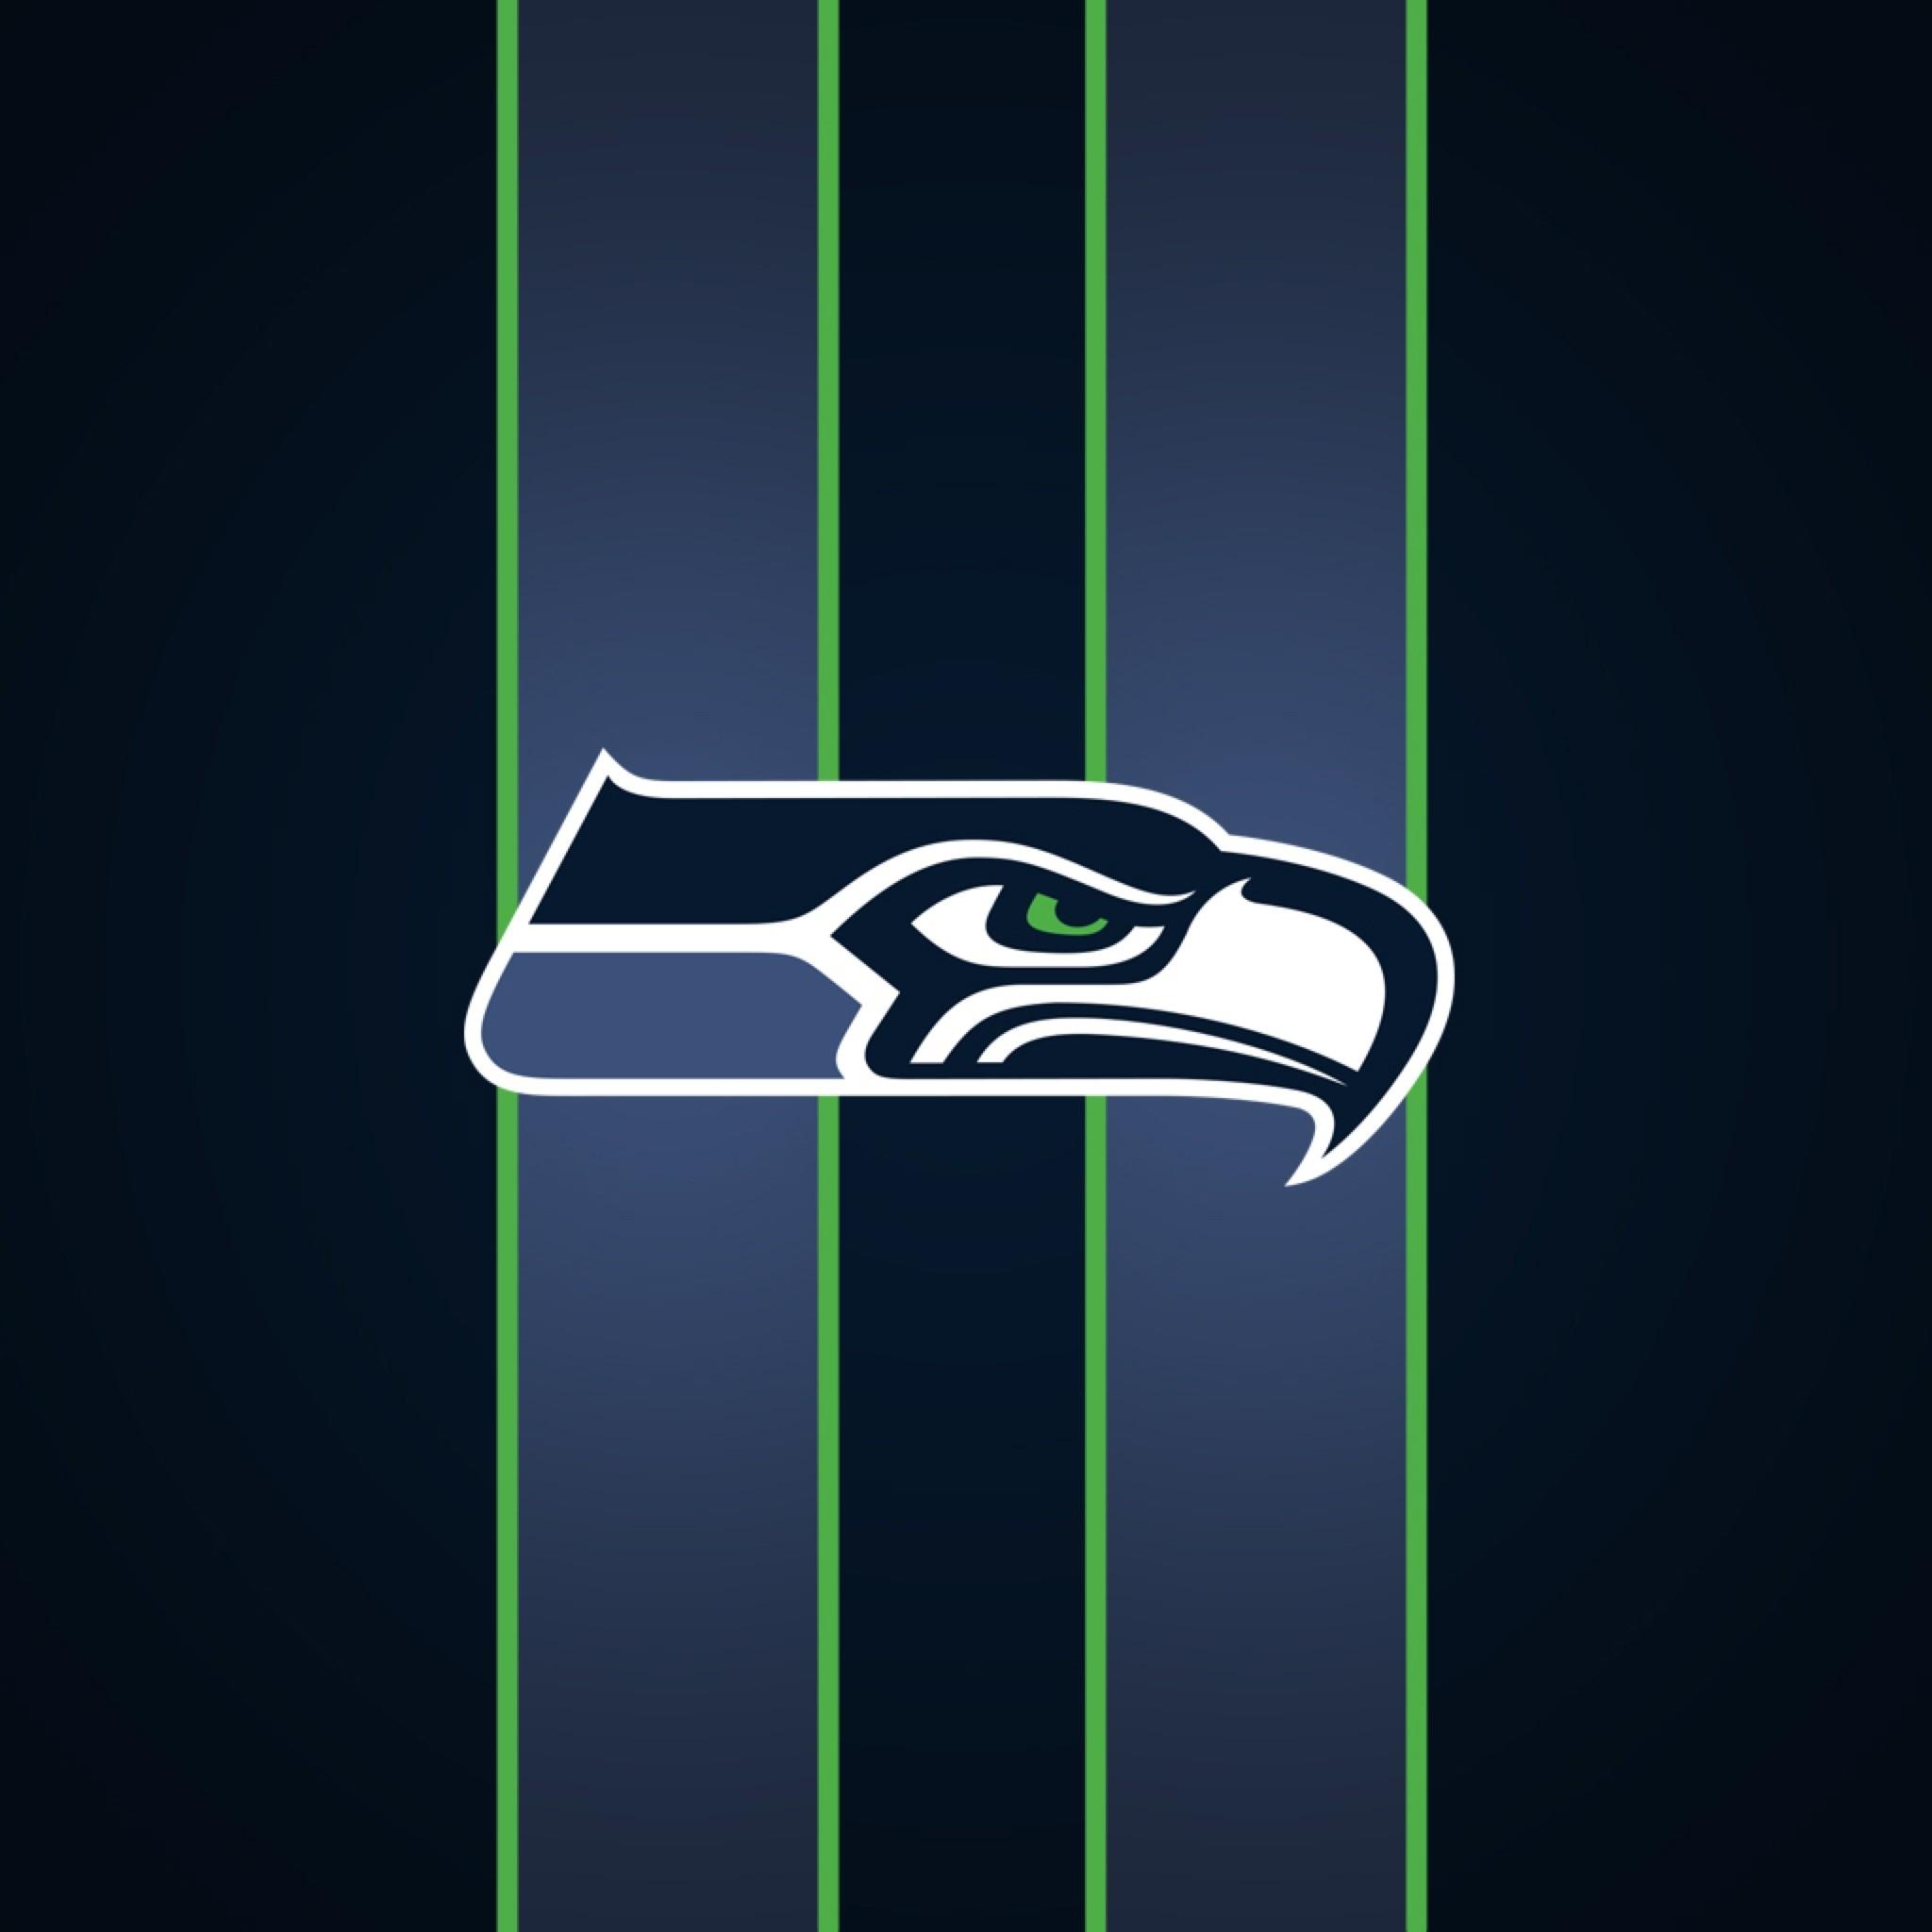 Seattle Seahawks iPhone 6 Wallpaper